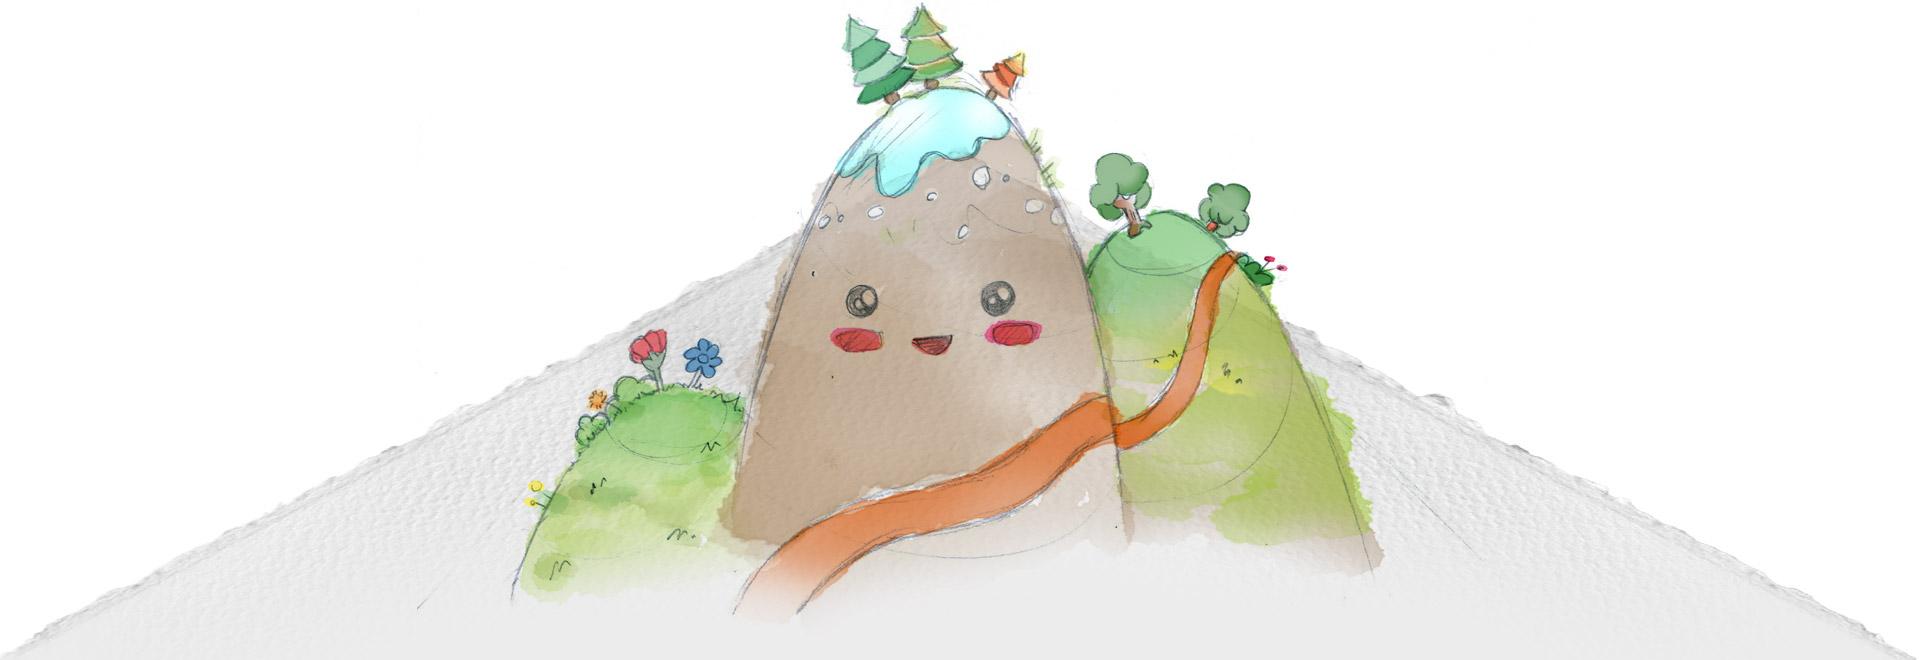 Ilustración de montañas - Centro de Educación Infantil Gibralfaro